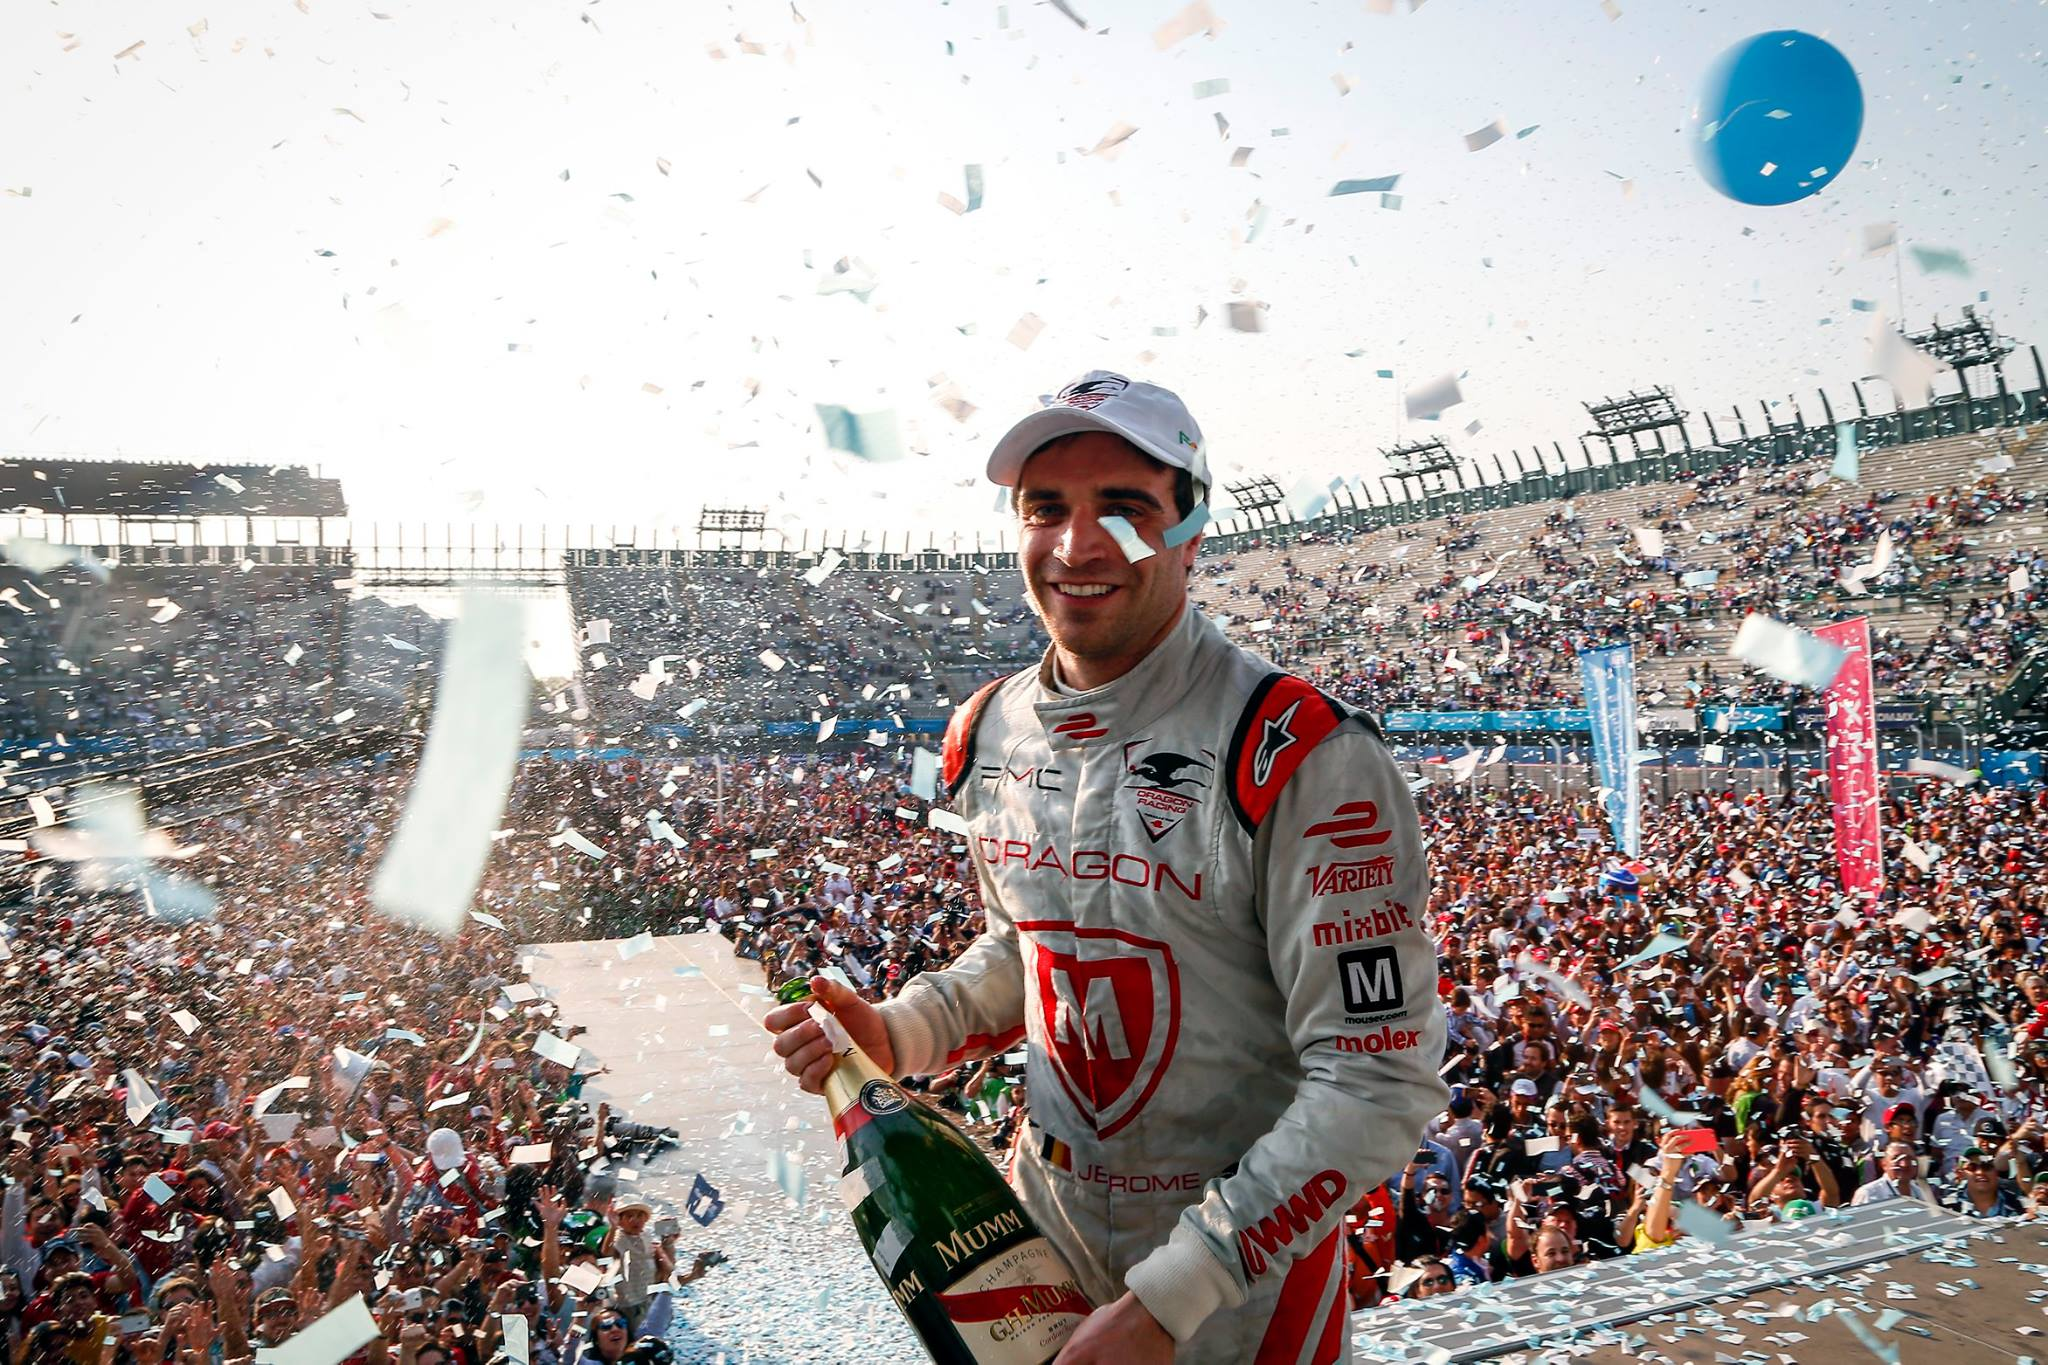 Jérôme d'Ambrosio parviendra t-il à décrocher sa première véritable victoire sur la piste cette saison ?